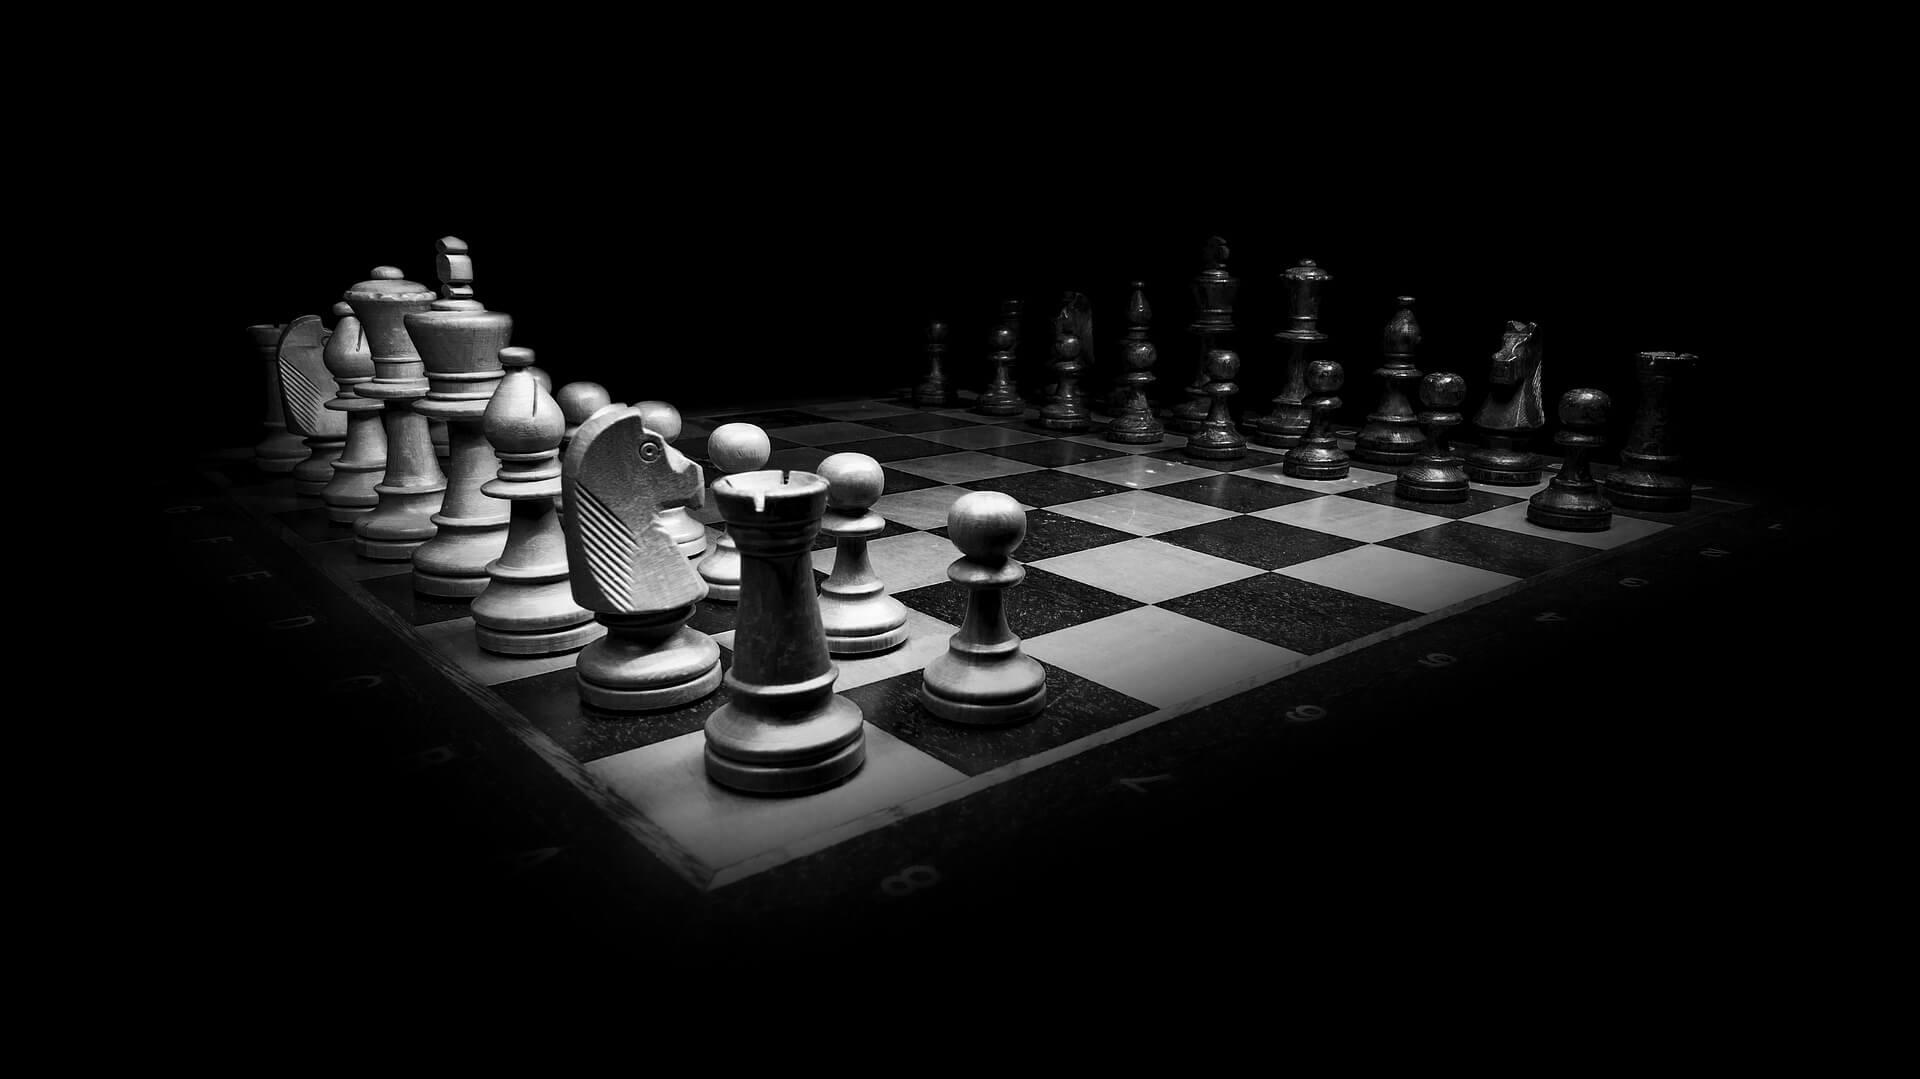 chess-2730034_1920.CC0-license.pixabay-com